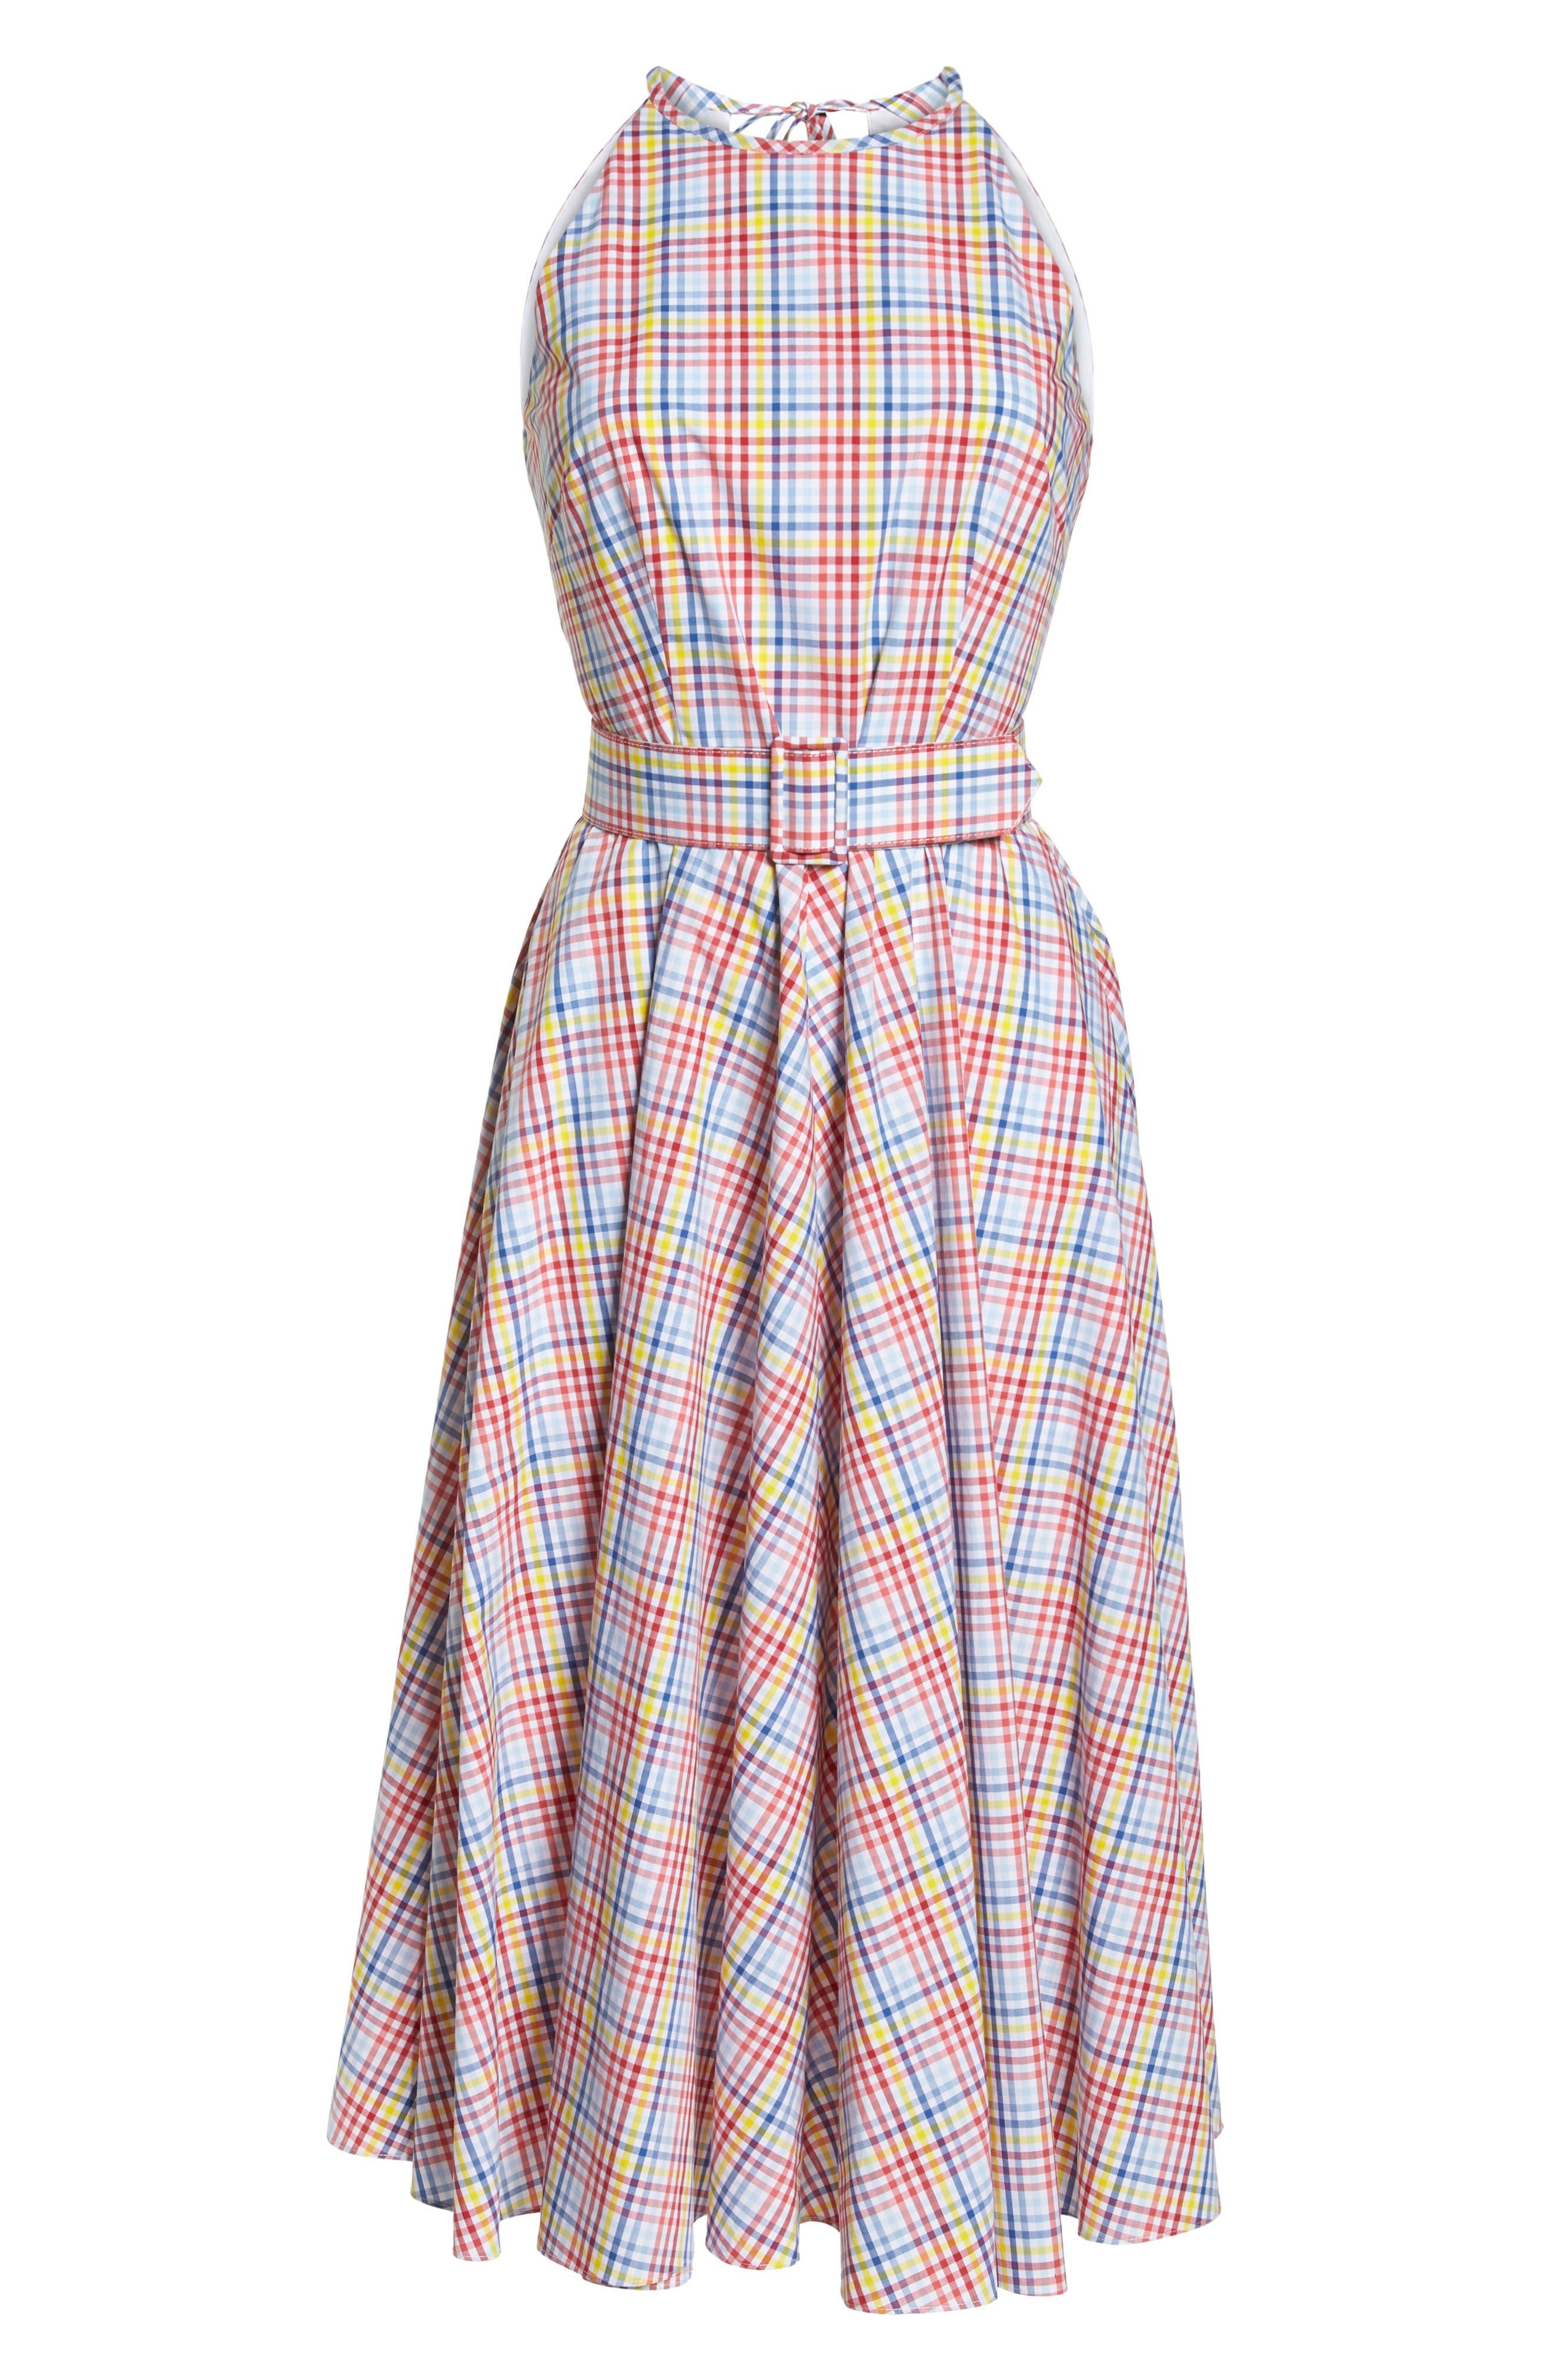 ELIZA J,                             Halter Neck Belted Cotton Sundress,                             Alternate thumbnail 7, color,                             610